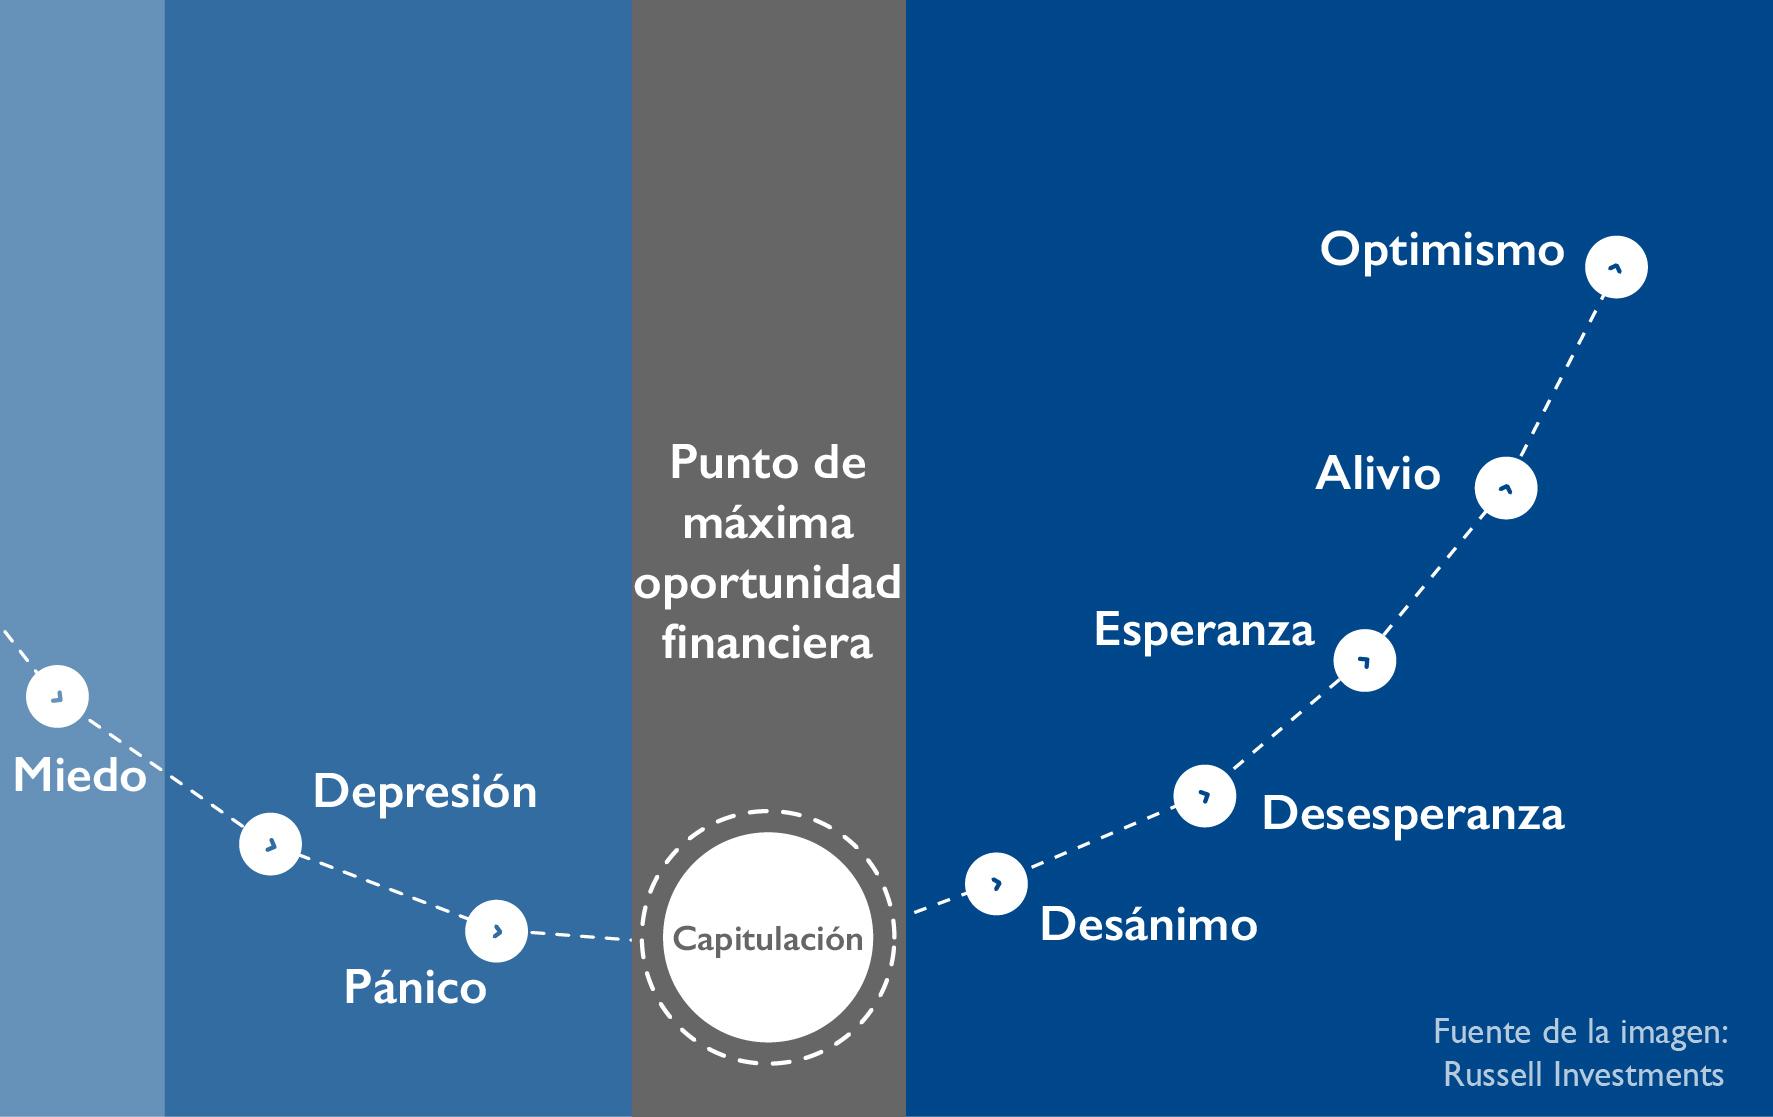 ciclo sentimientos emociones del mercado 2